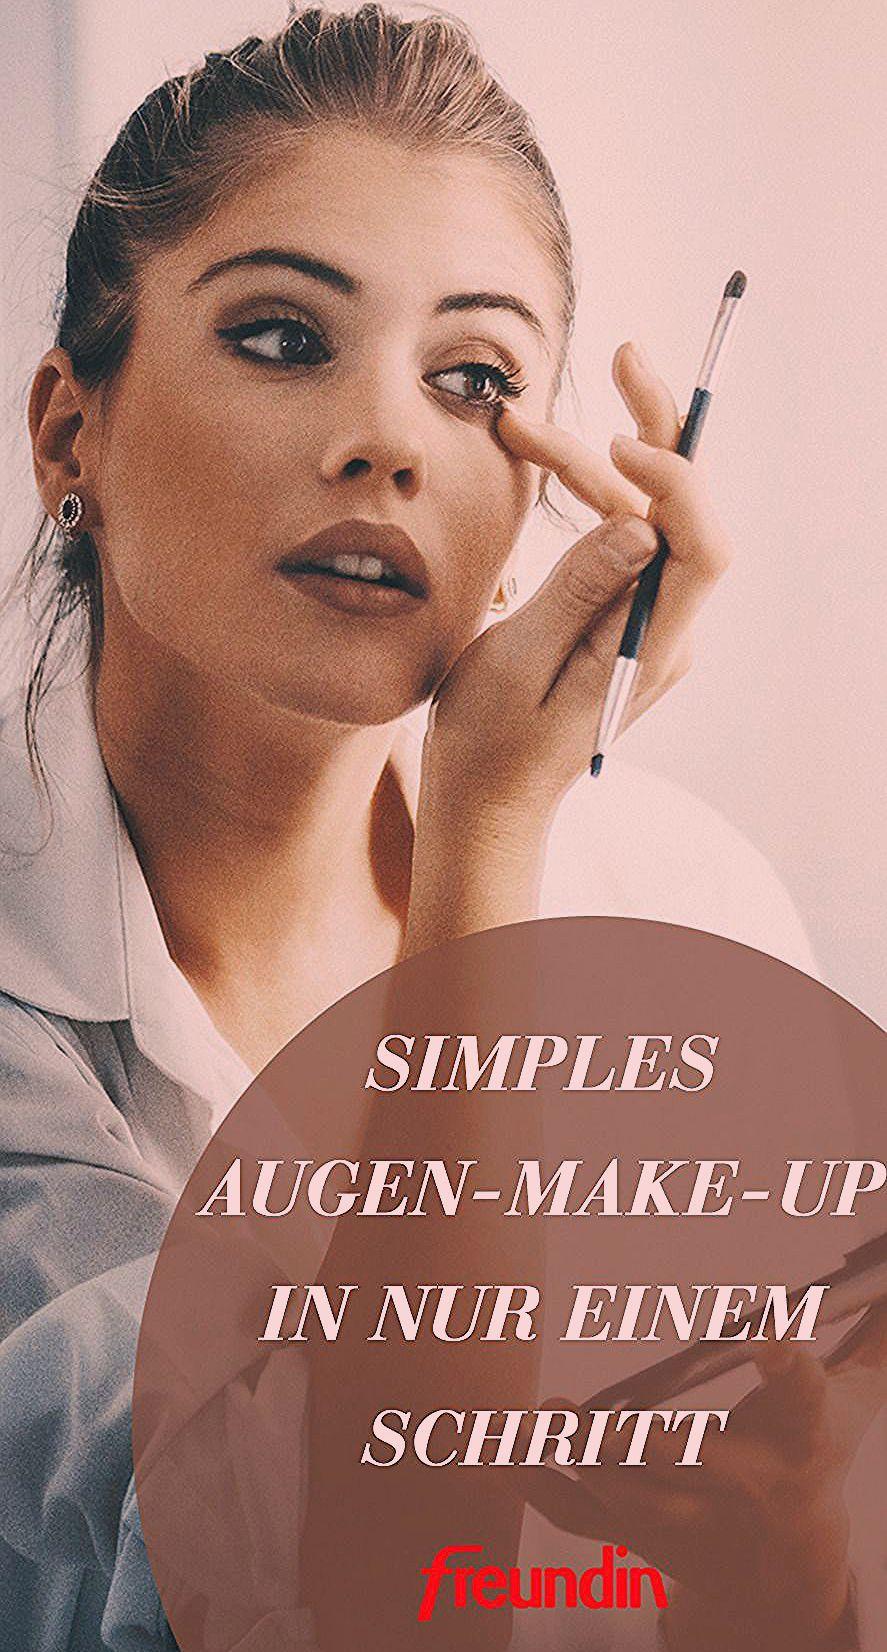 Photo of Simples Augen-Make-up in nur einem Schritt   freundin.de